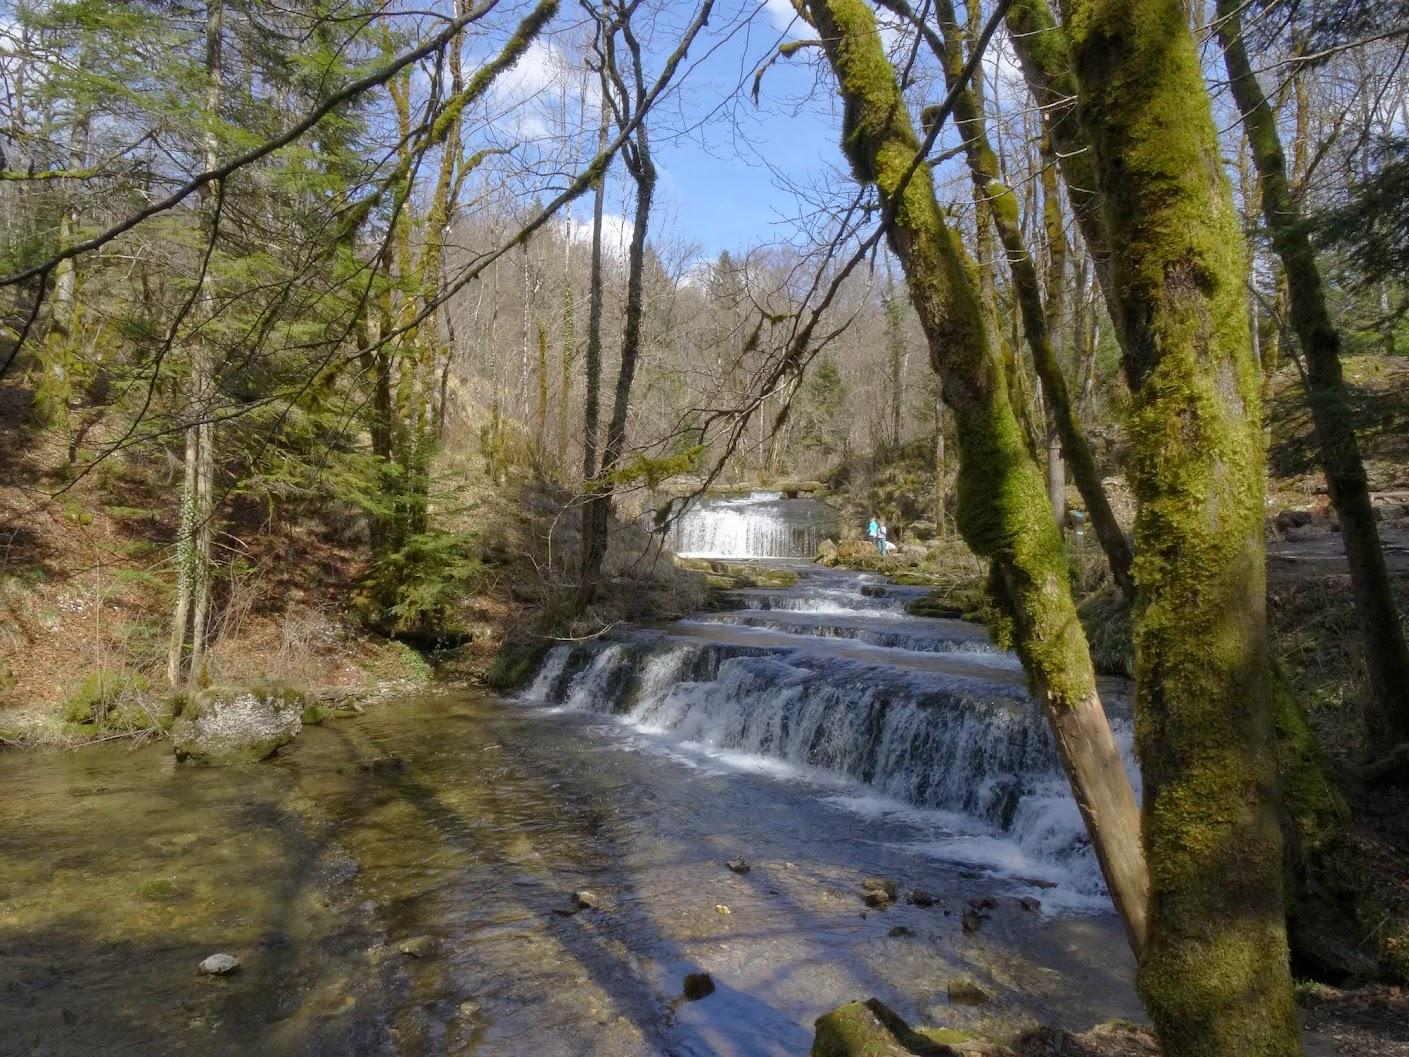 Cascades de l'Hérisson